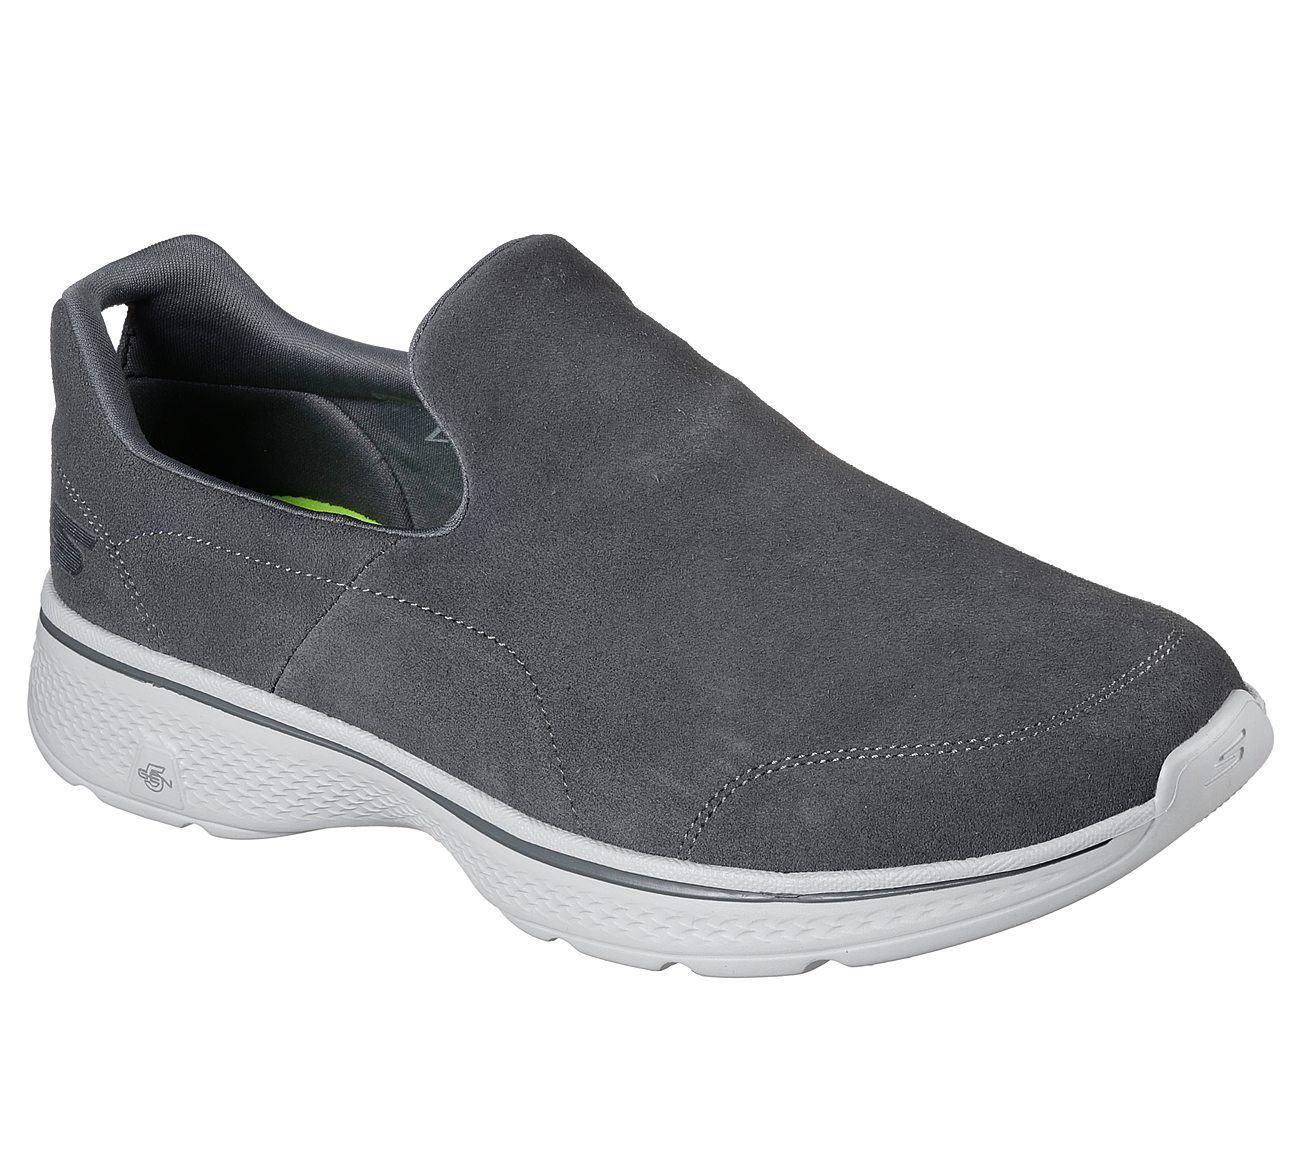 Skechers Hombre Go Walk 4-experiencia Smart Casual Zapatos/Entrenadores en carbón